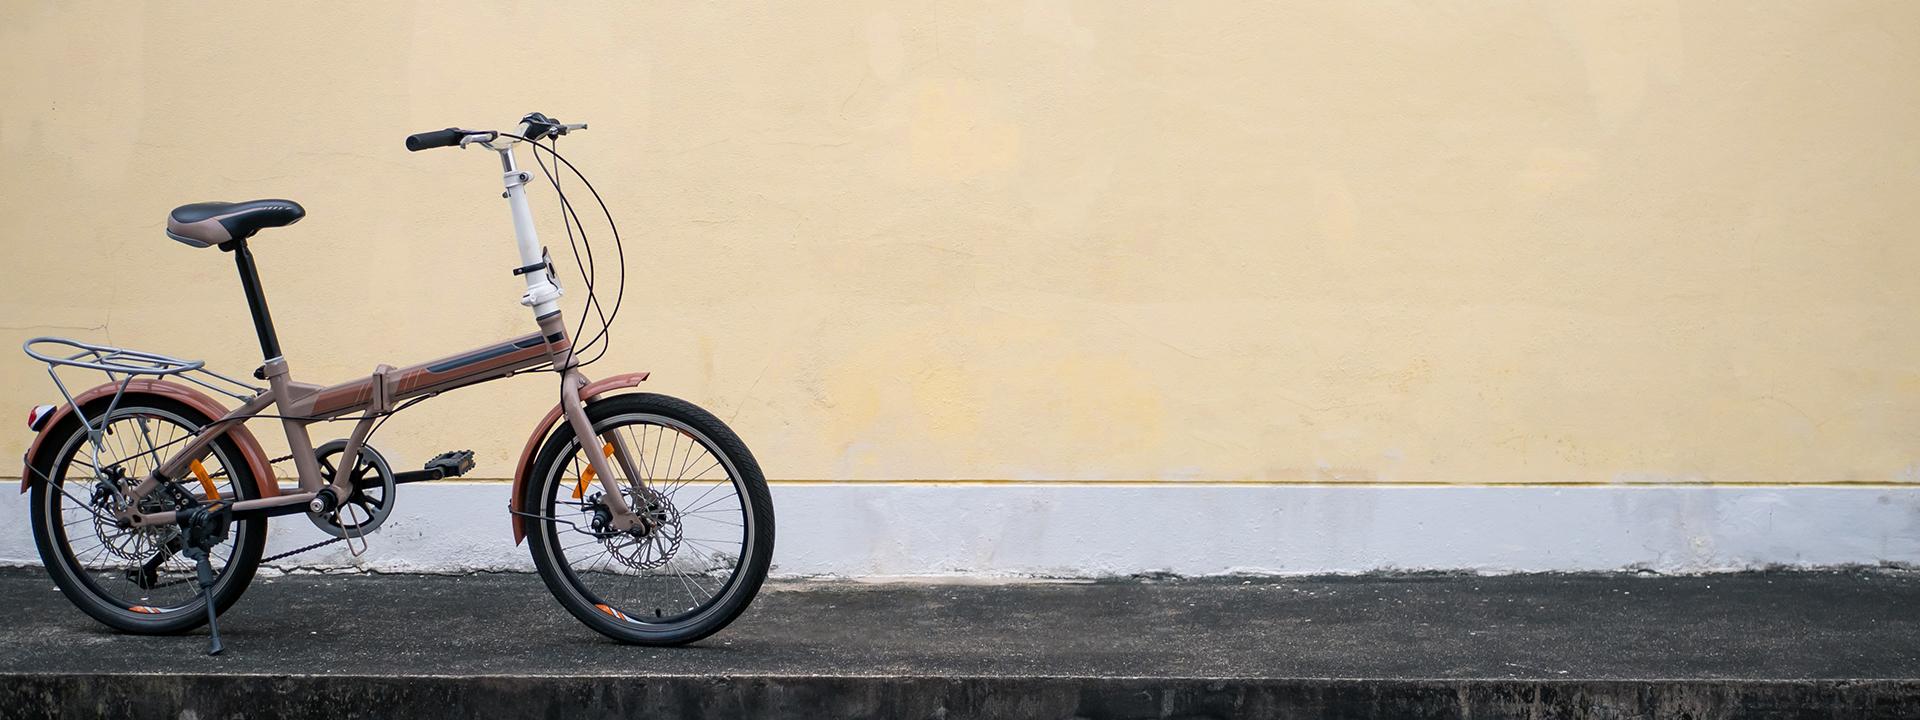 Фото складного велосипеда у стены